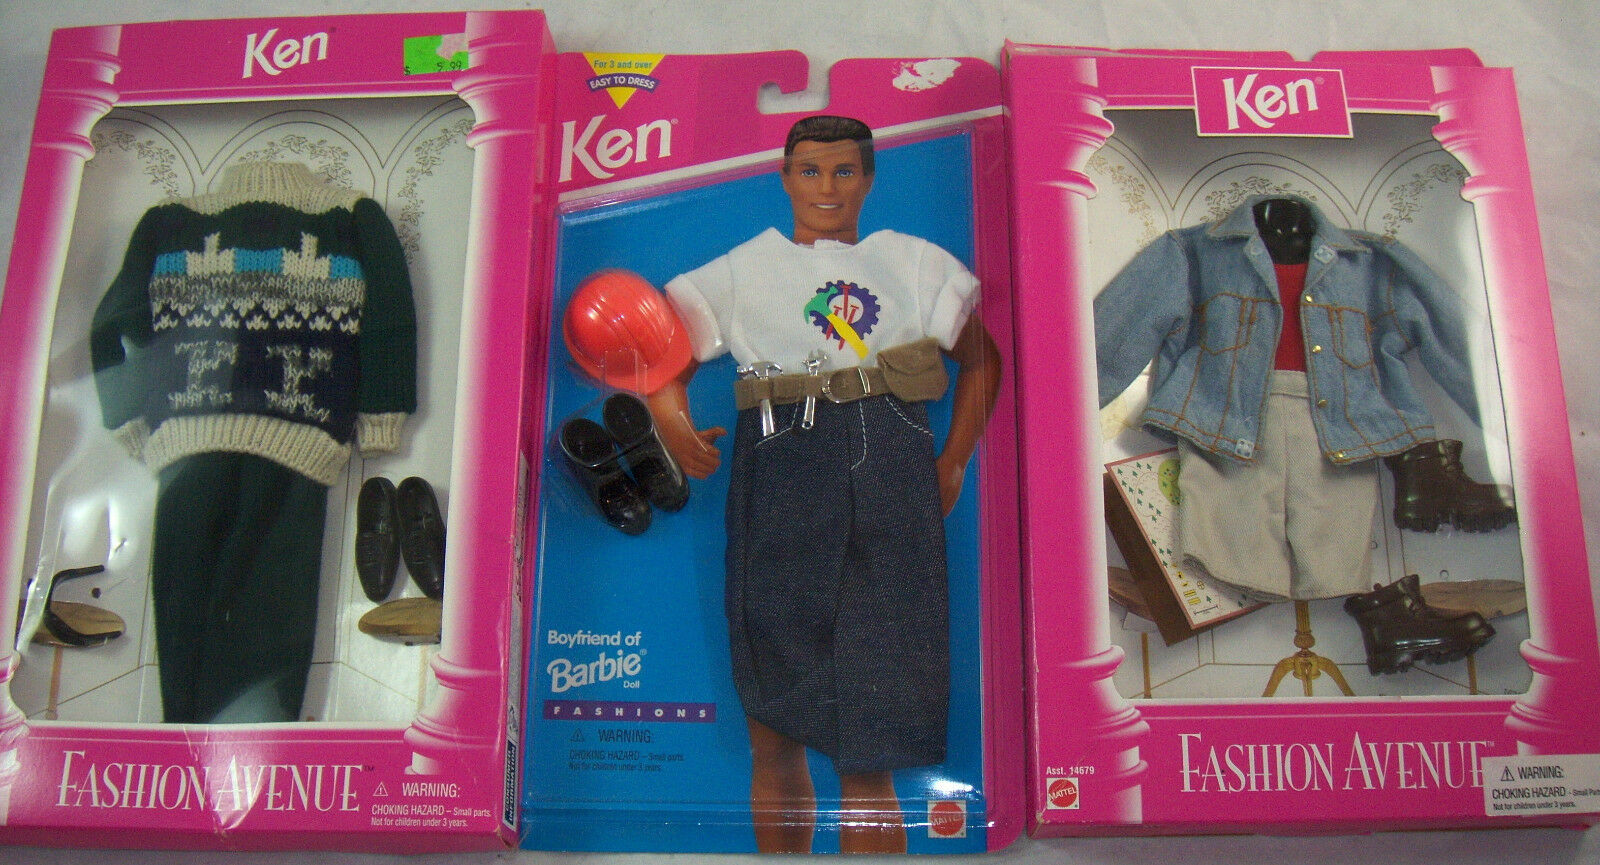 Neu Lot 3 Modischer Avenue & Einfach zu Kleid Outfits für Ken Puppe NRFB Barbie